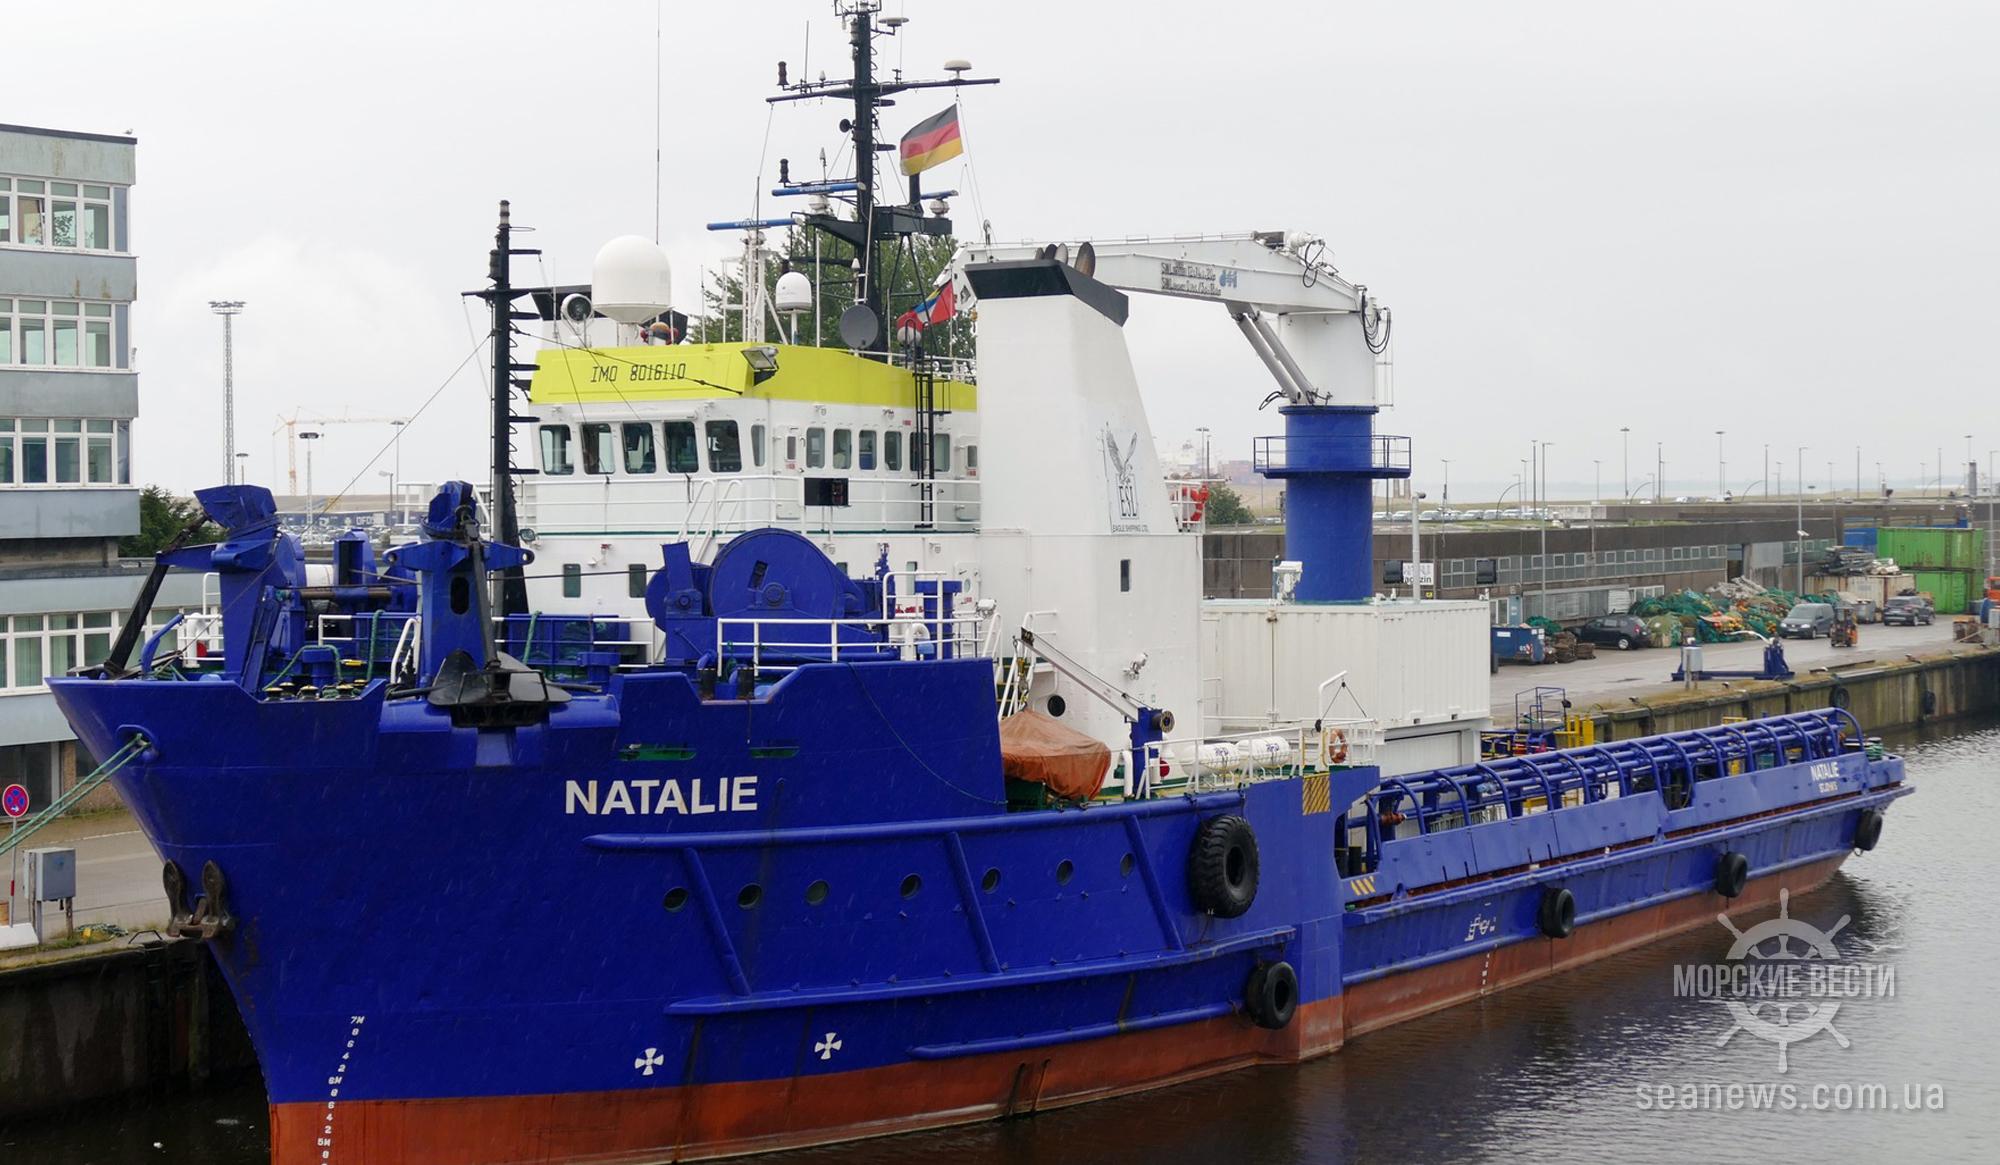 Пираты атаковали судно в Мексике